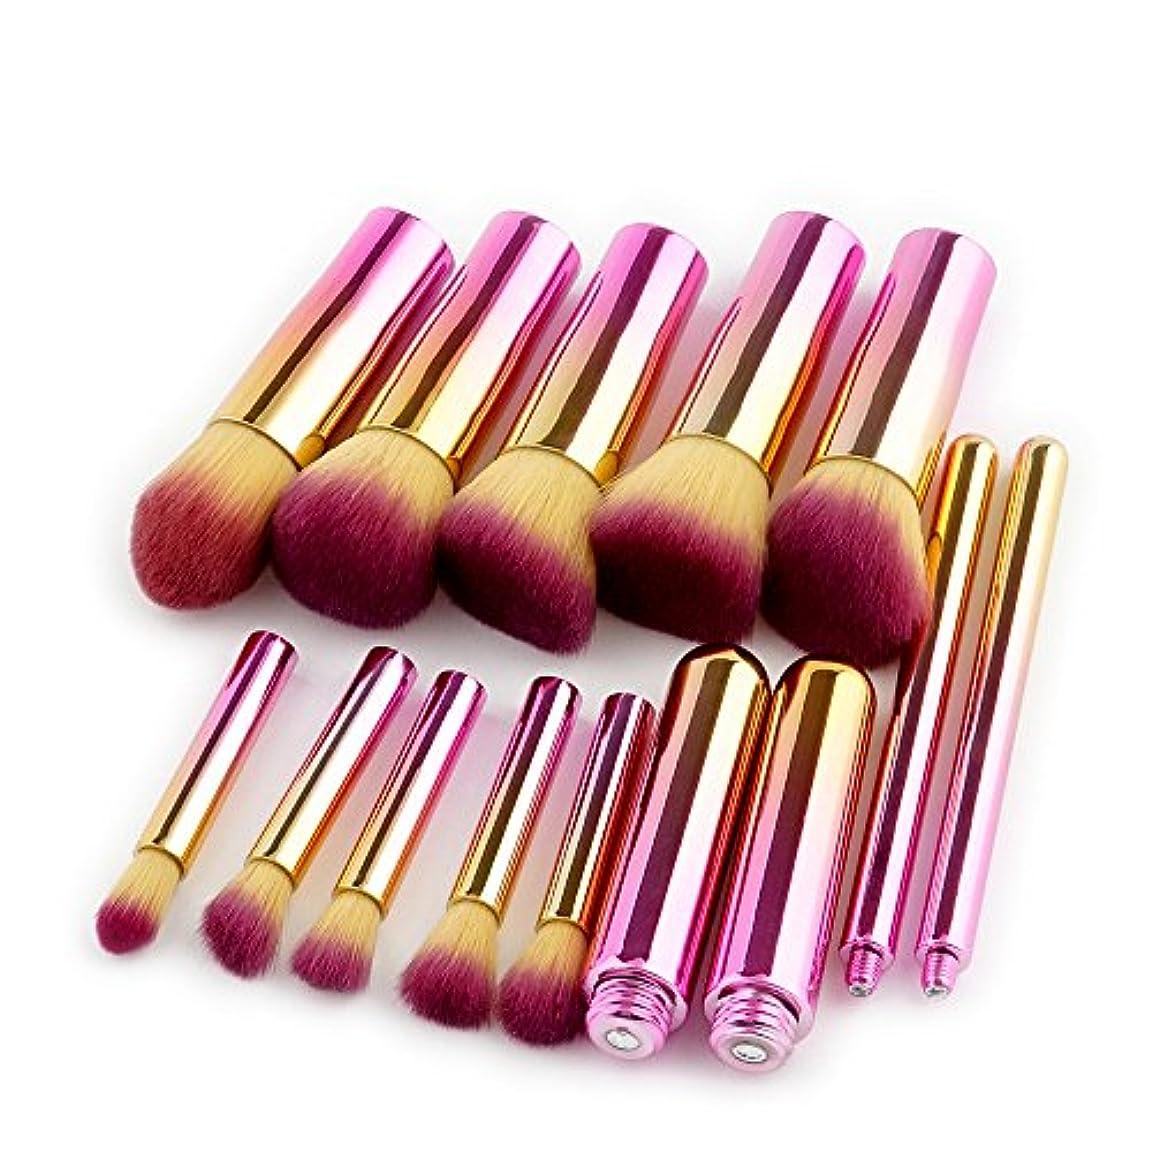 母性剥離共感する(プタス)Putars メイクブラシ メイクブラシセット 10本セット ピンク 化粧ブラシ ふわふわ お肌に優しい 毛量たっぷり メイク道具 プレゼント